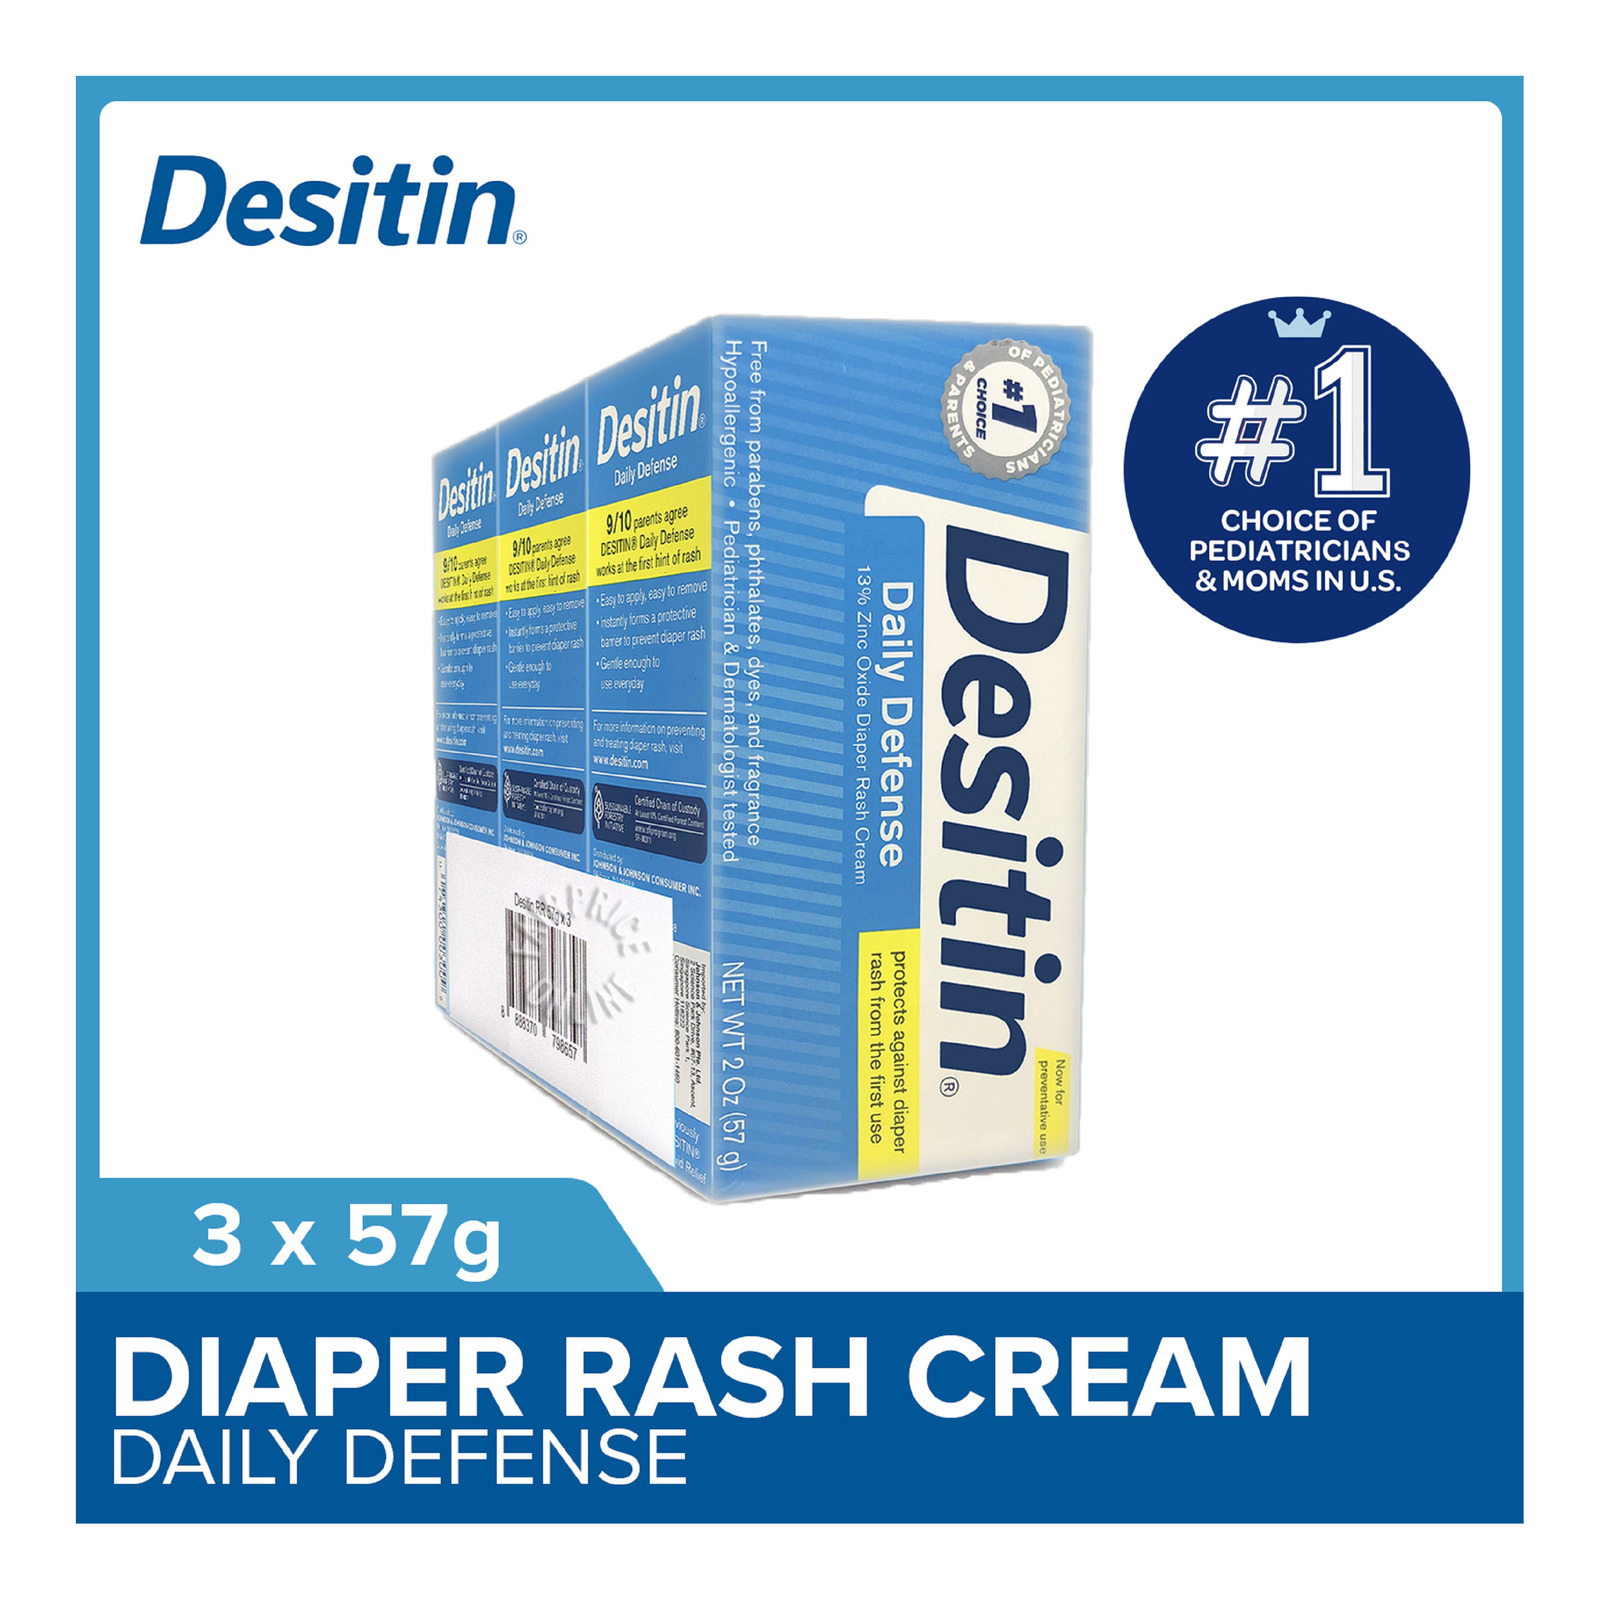 Desitin Diaper Rash Cream - Rapid Relief